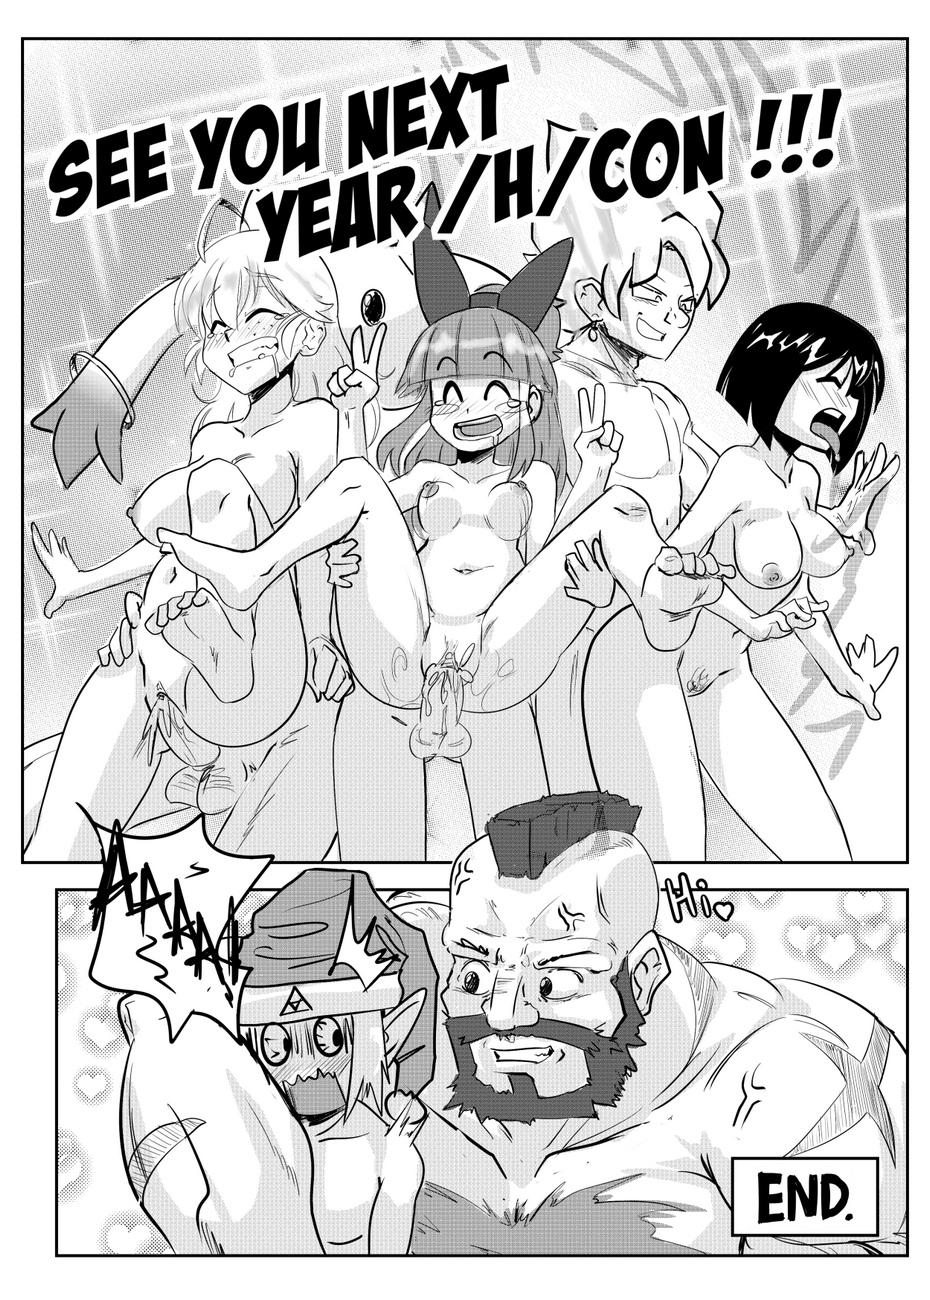 H-Con 46 free sex comic